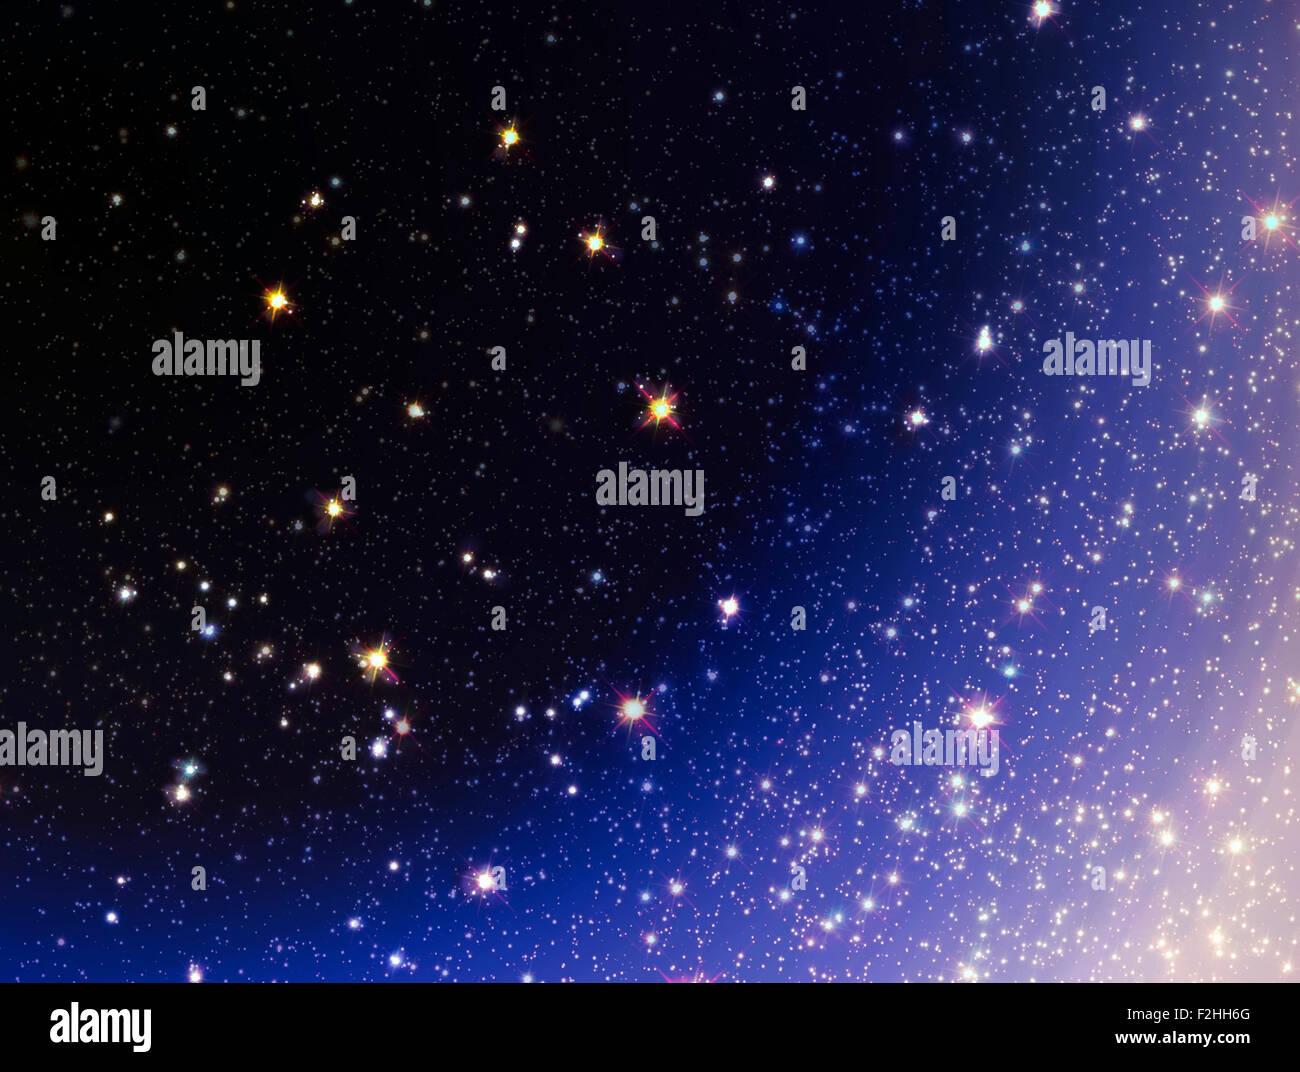 Sternen-Hintergrund, Raum Textur mit vielen stars Stockbild